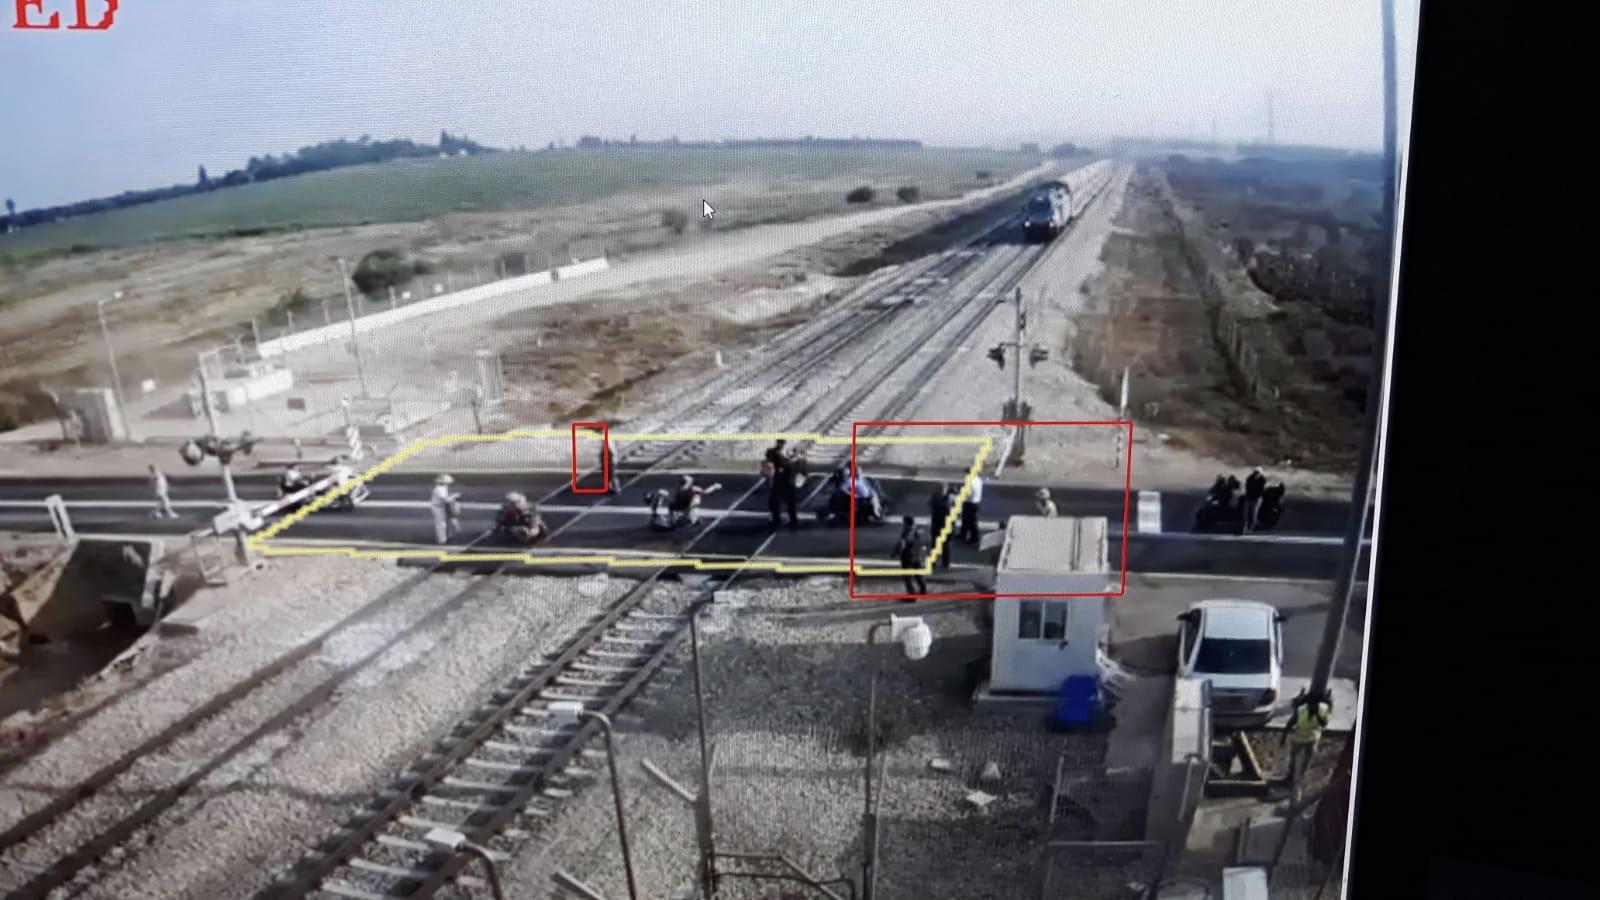 תנועת הרכבות שבה לסדרה לאחר השיבושים בגין מחאת הנכים